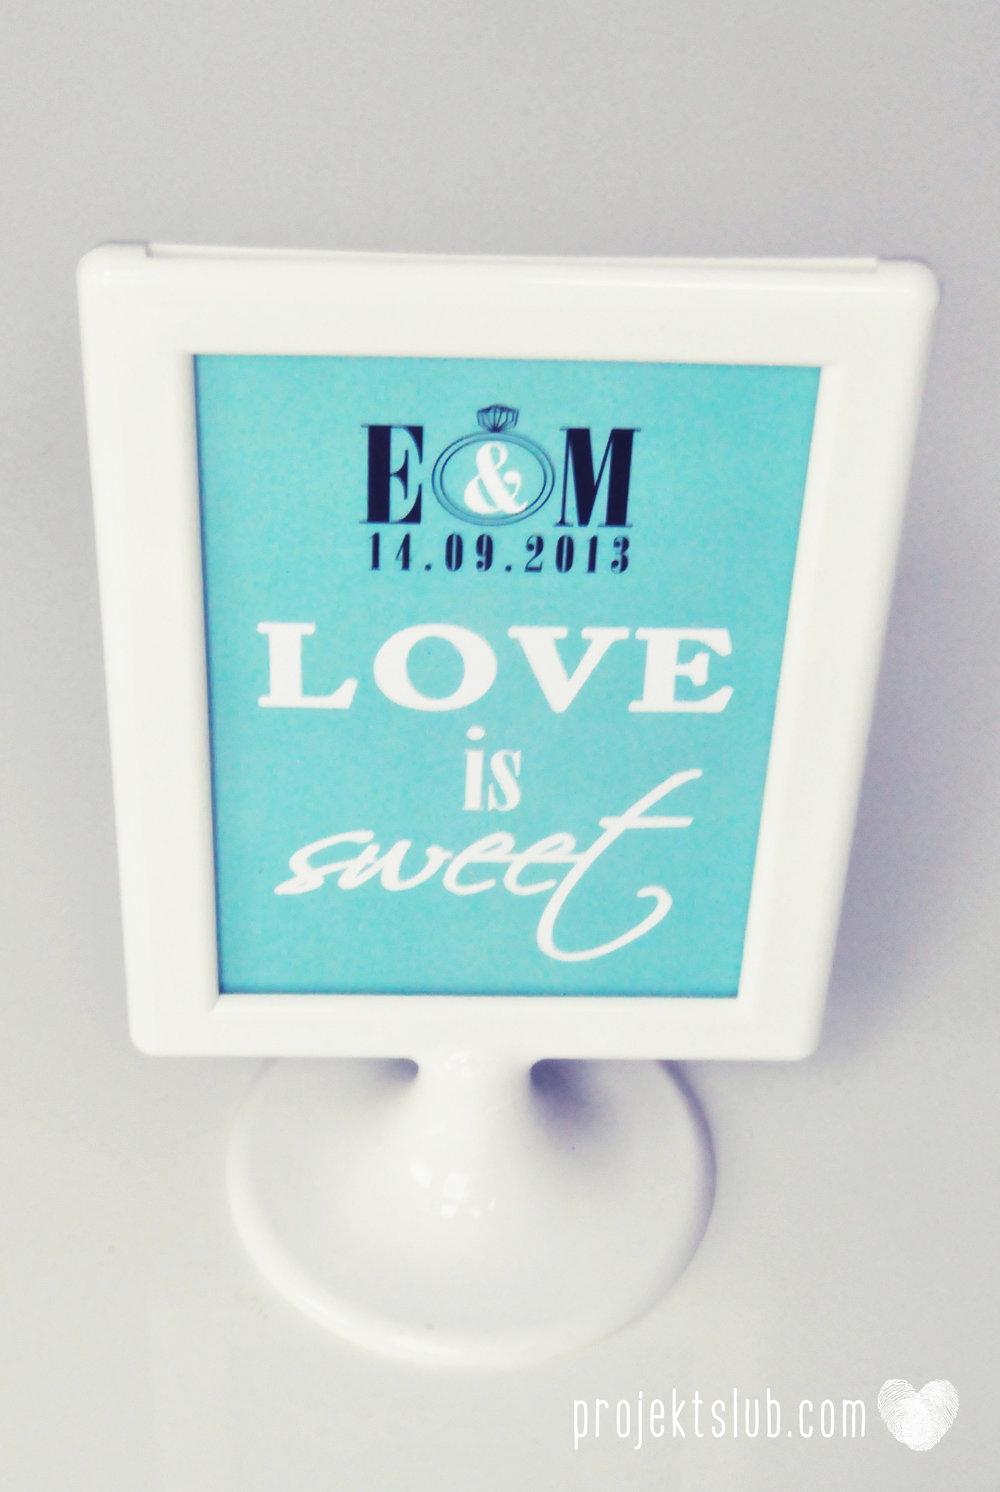 zaproszenia ślubne fashionelki wieża eiffel paryż piktogramy elegancki minimalizm błękit kolor tiffany zdjęcie narzeczonych Projekt Ślub (20).JPG